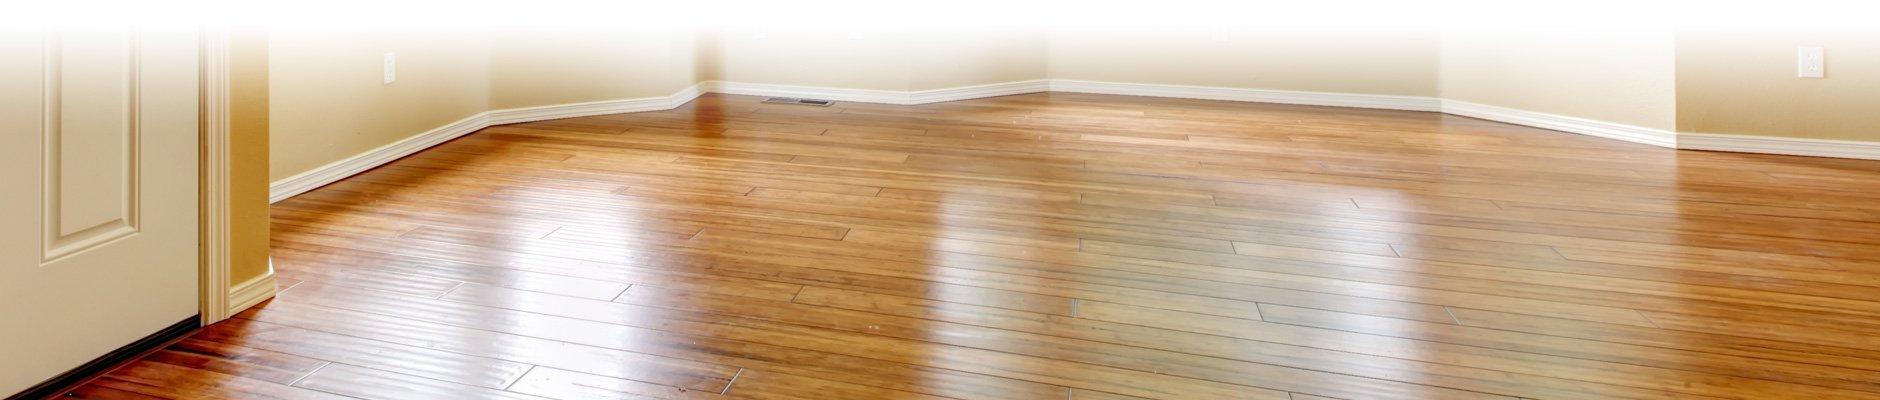 Amazon.com: Limpieza de suelo de madera dura.